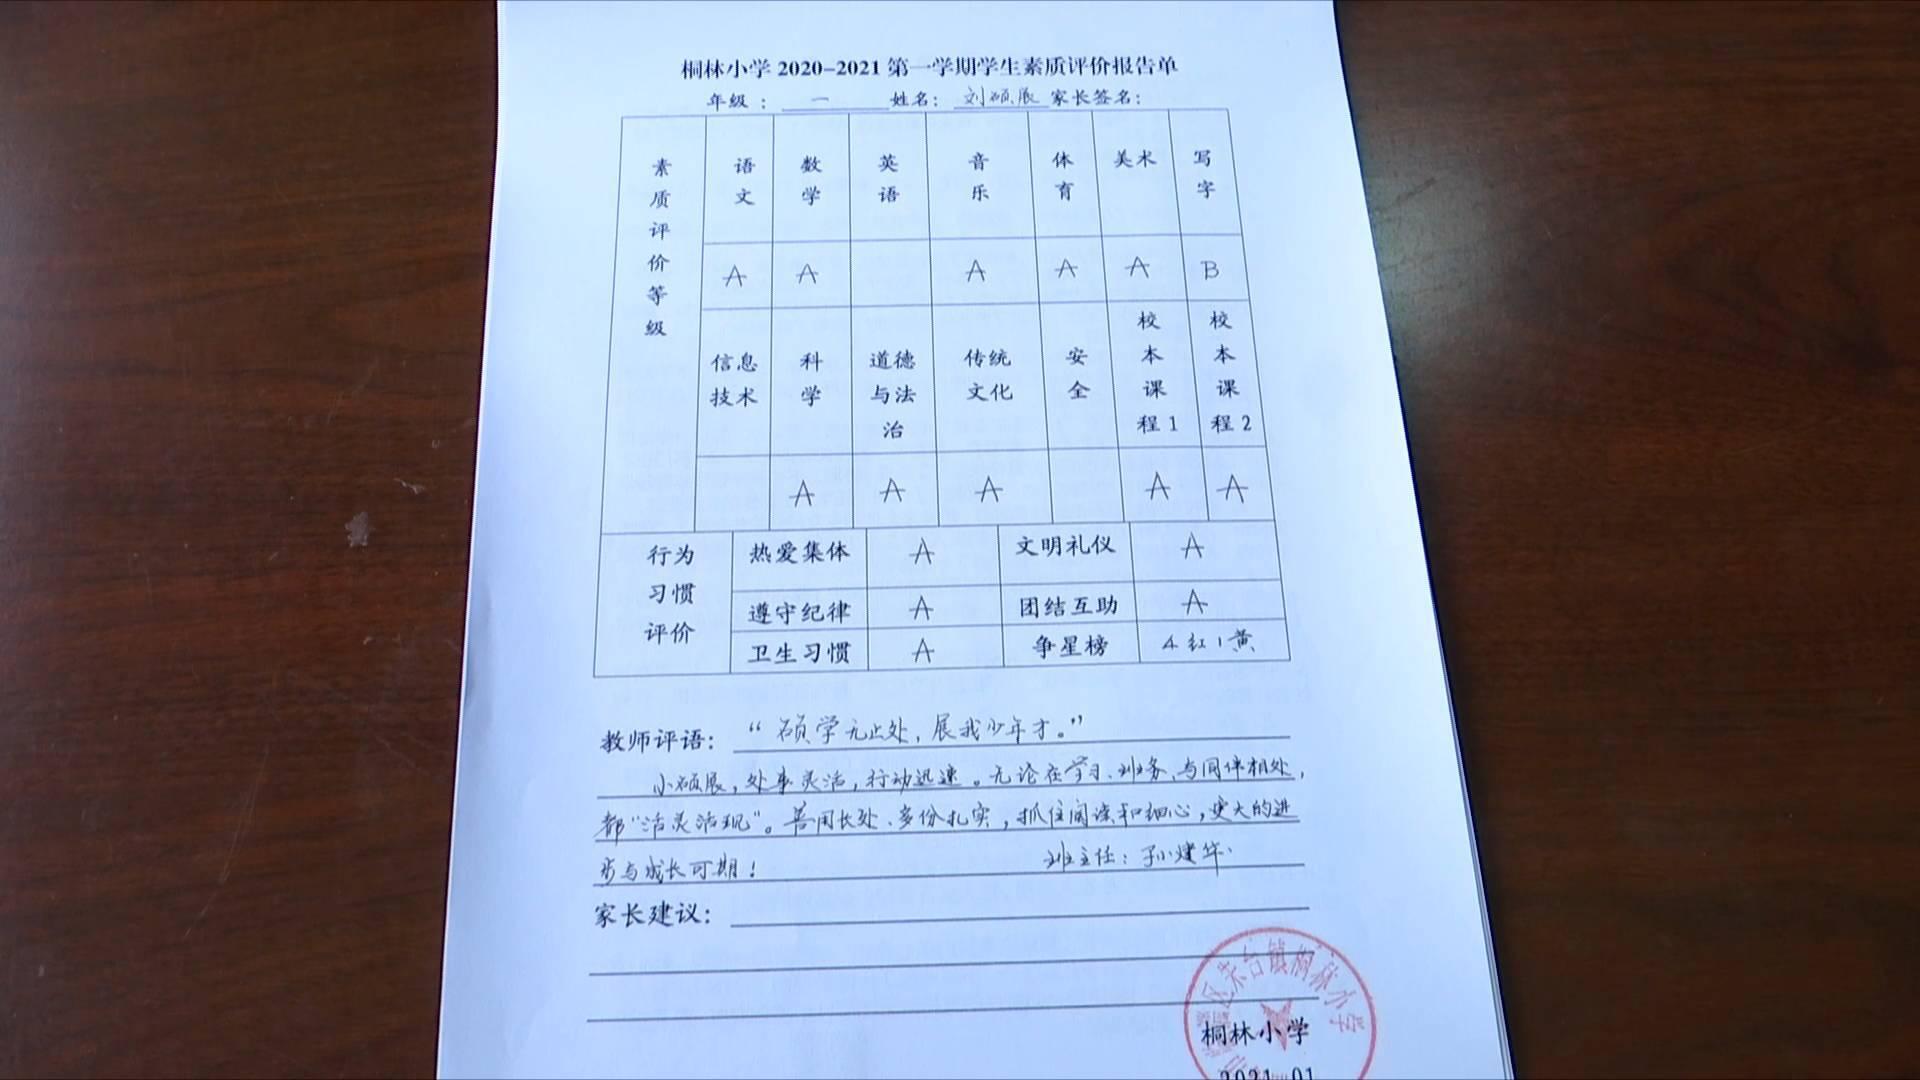 """学生姓名藏诗中 淄博一老师为14名学生""""私人定制诗歌体""""评语"""